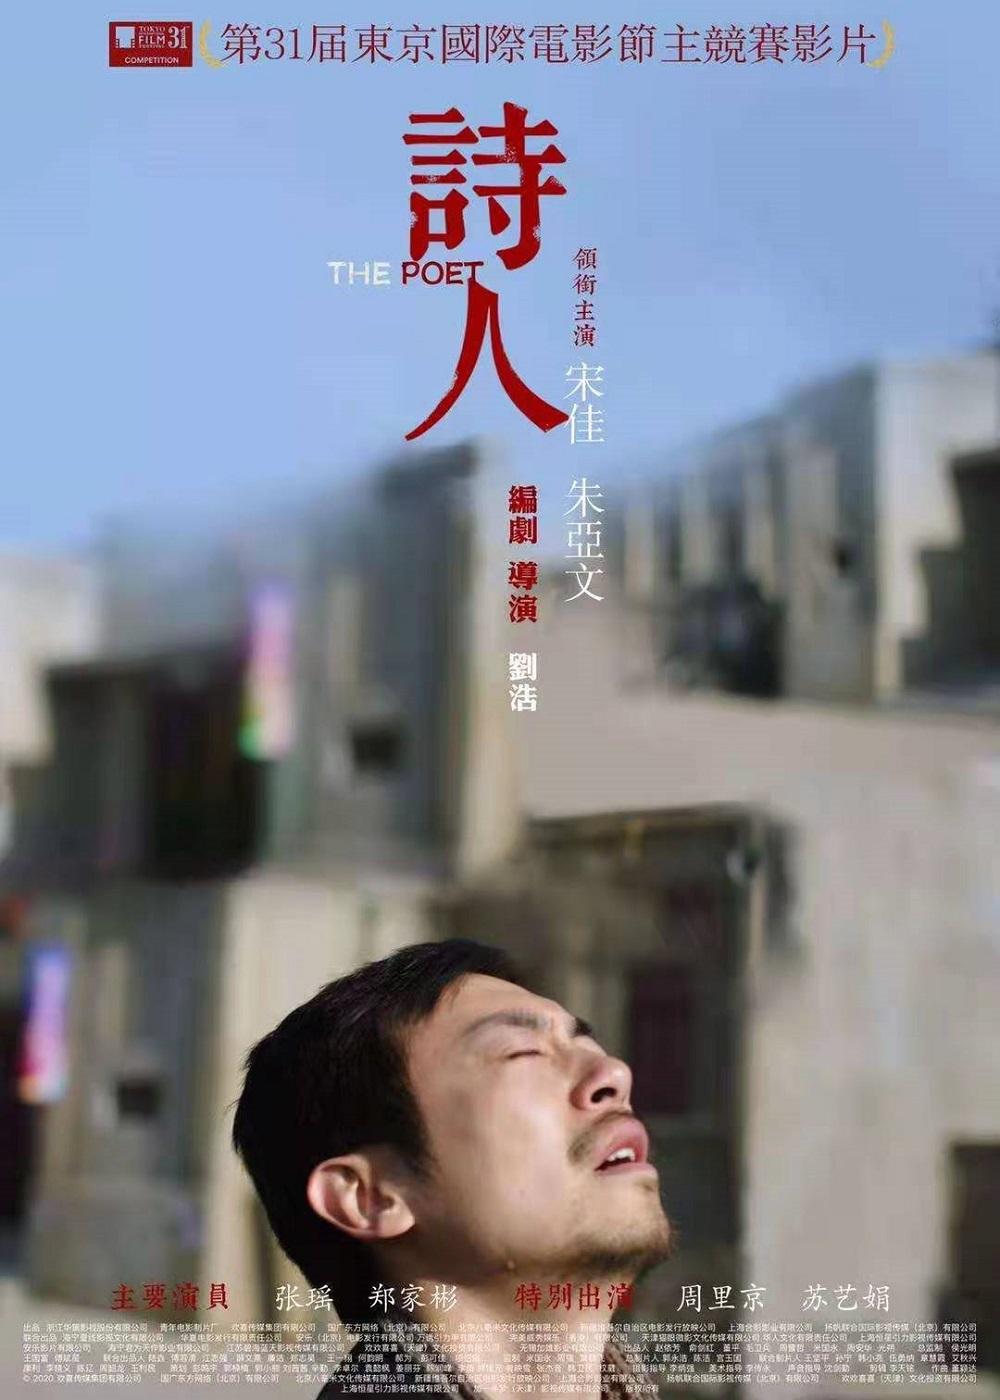 宋佳朱亚文领衔主演电影《诗人》定档0605 再演亲密爱人诗写悲情人生